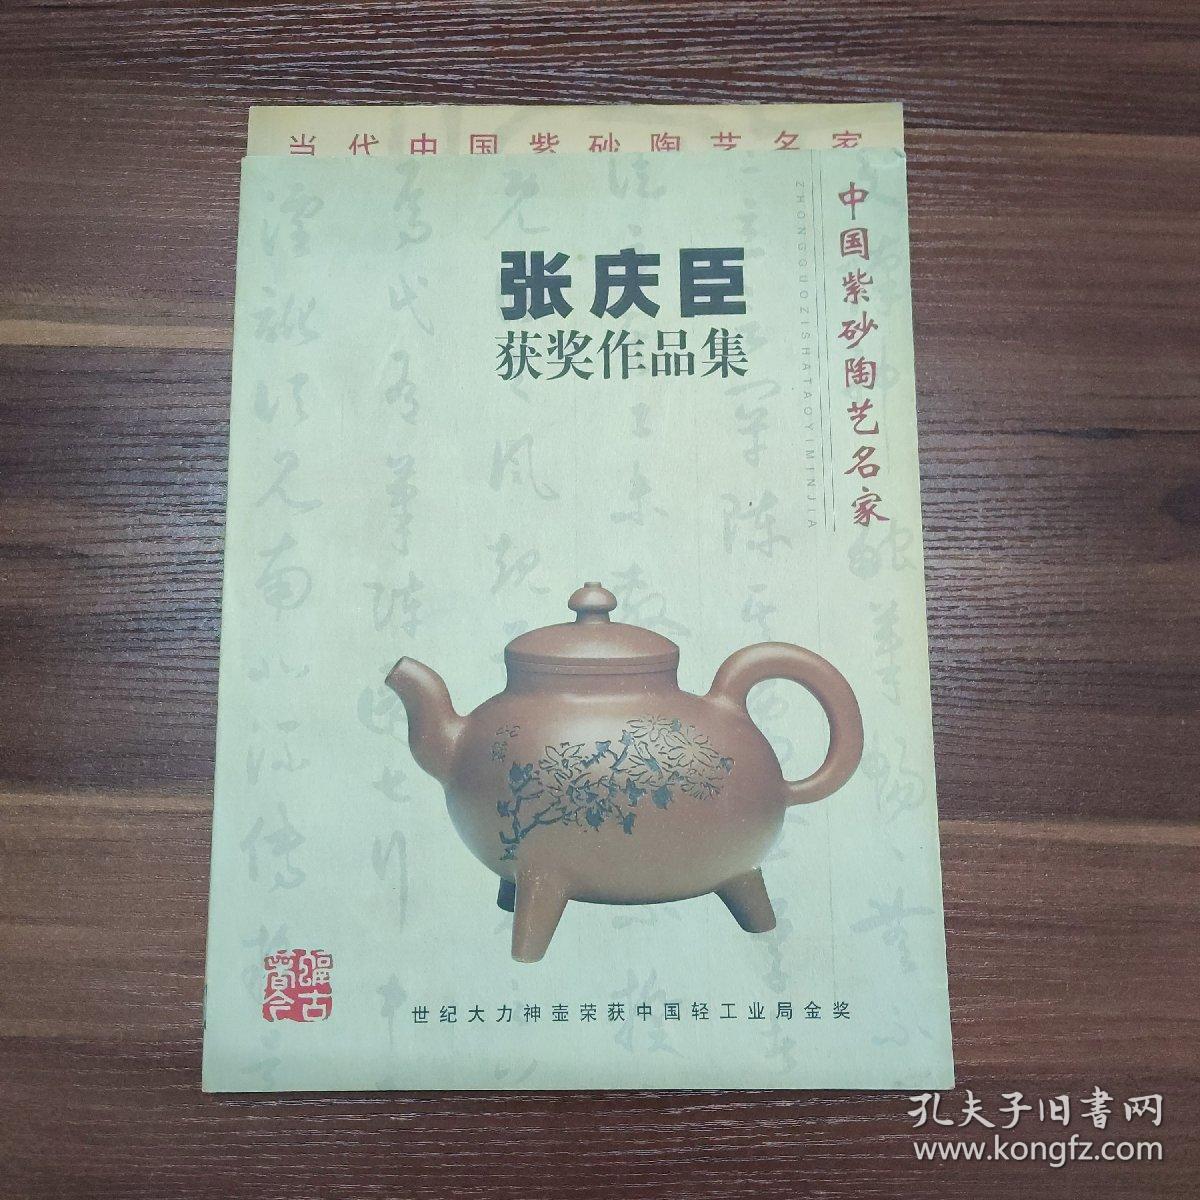 中国紫砂陶艺名家 张庆臣获奖作品集-大16开